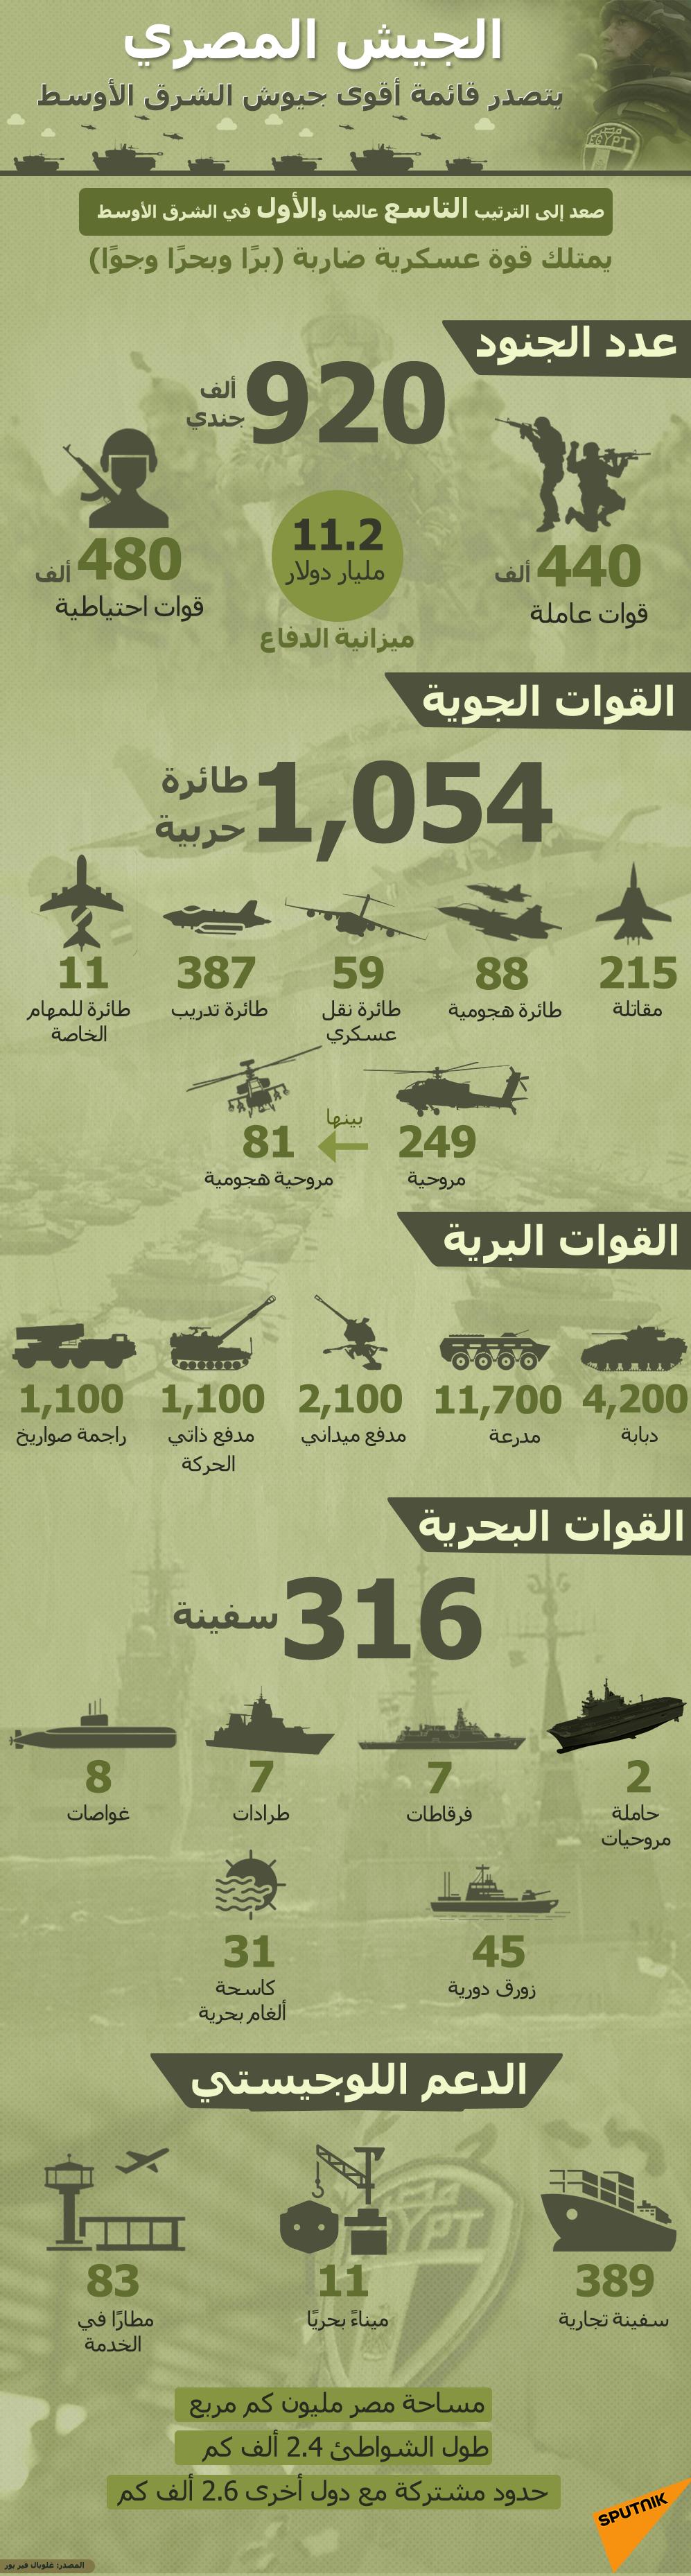 الجيش المصري يتصدر قائمة أقوى جيوش الشرق الأوسط